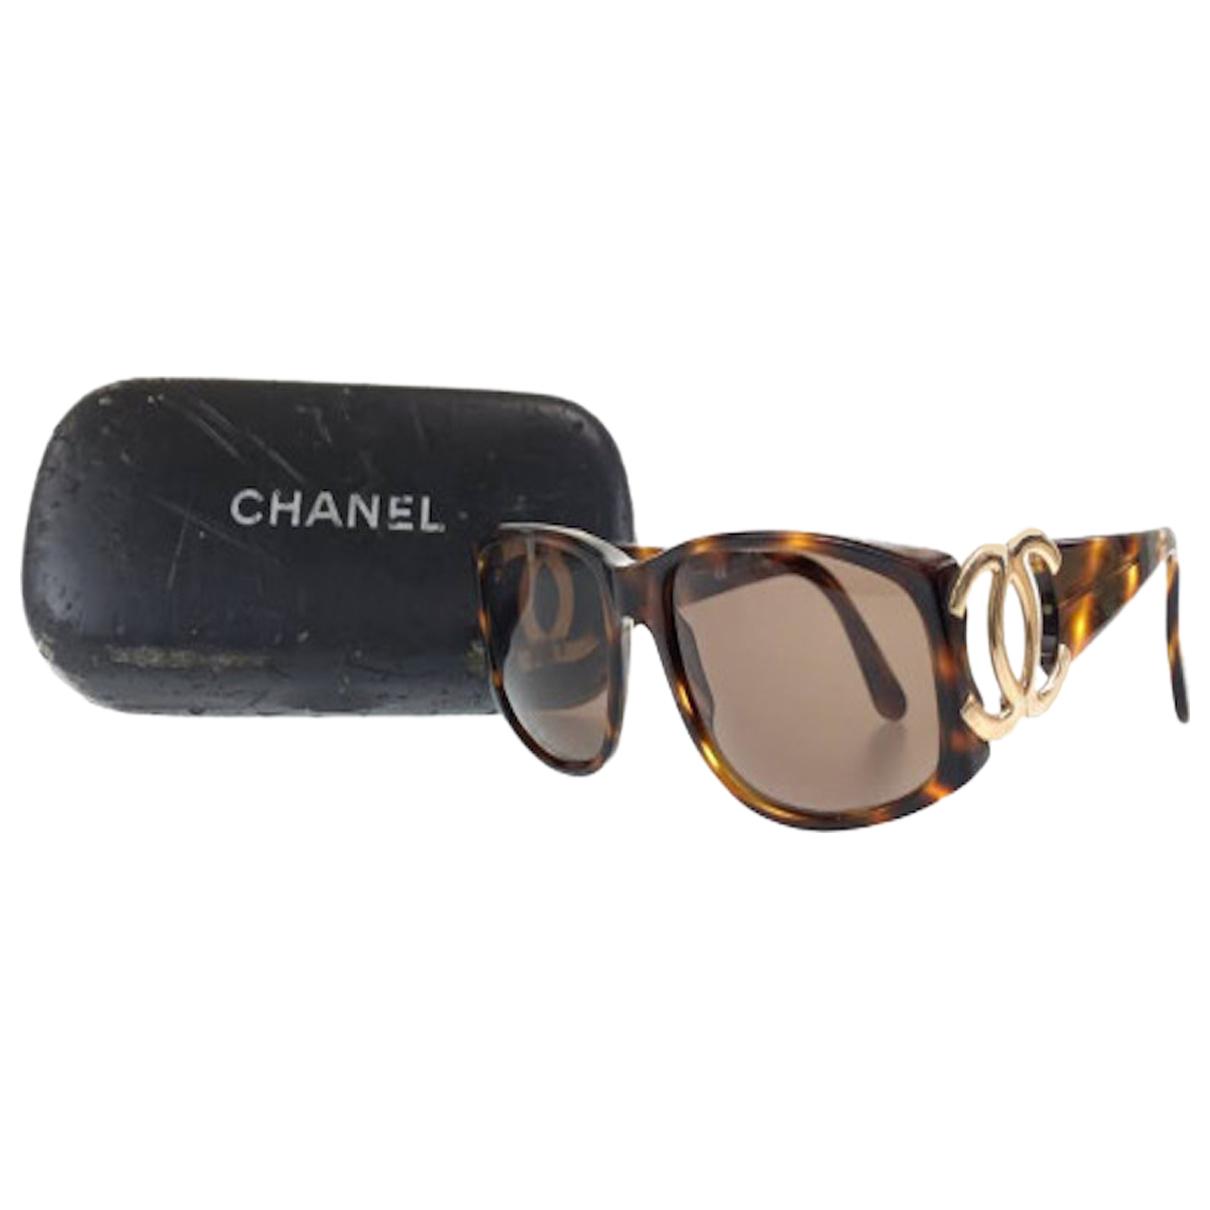 Chanel - Lunettes   pour femme